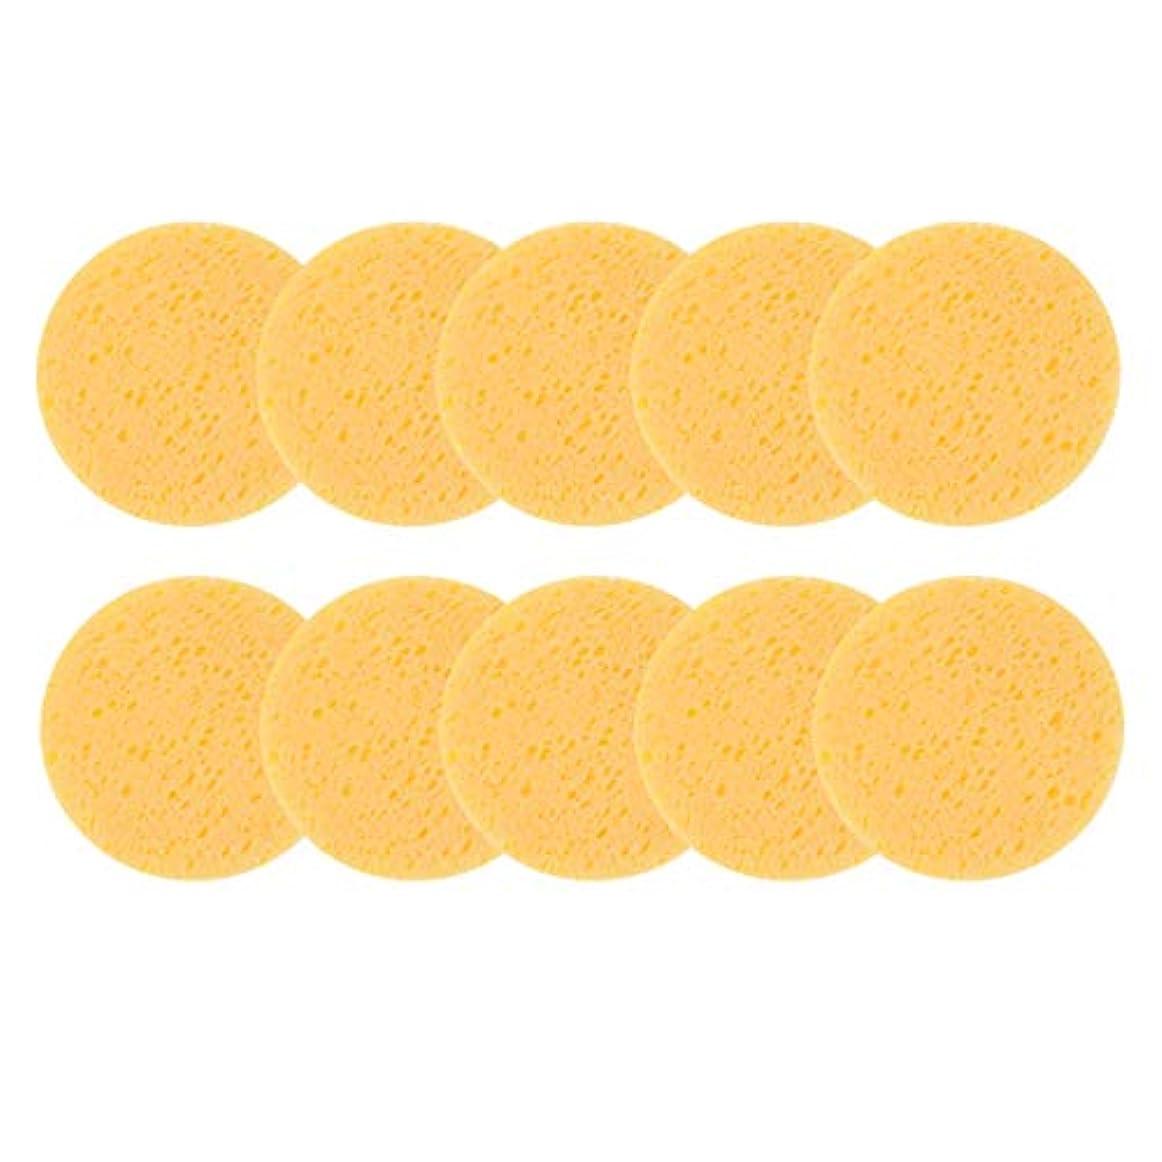 タイヤフローティングアミューズFrcolor フェイシャルスポンジ クレンジングシート メイク落とし 柔らかい 天然 美肌 角質 皮脂 除去 洗顔 拭き取り用 スポンジ 10個セット(黄色)